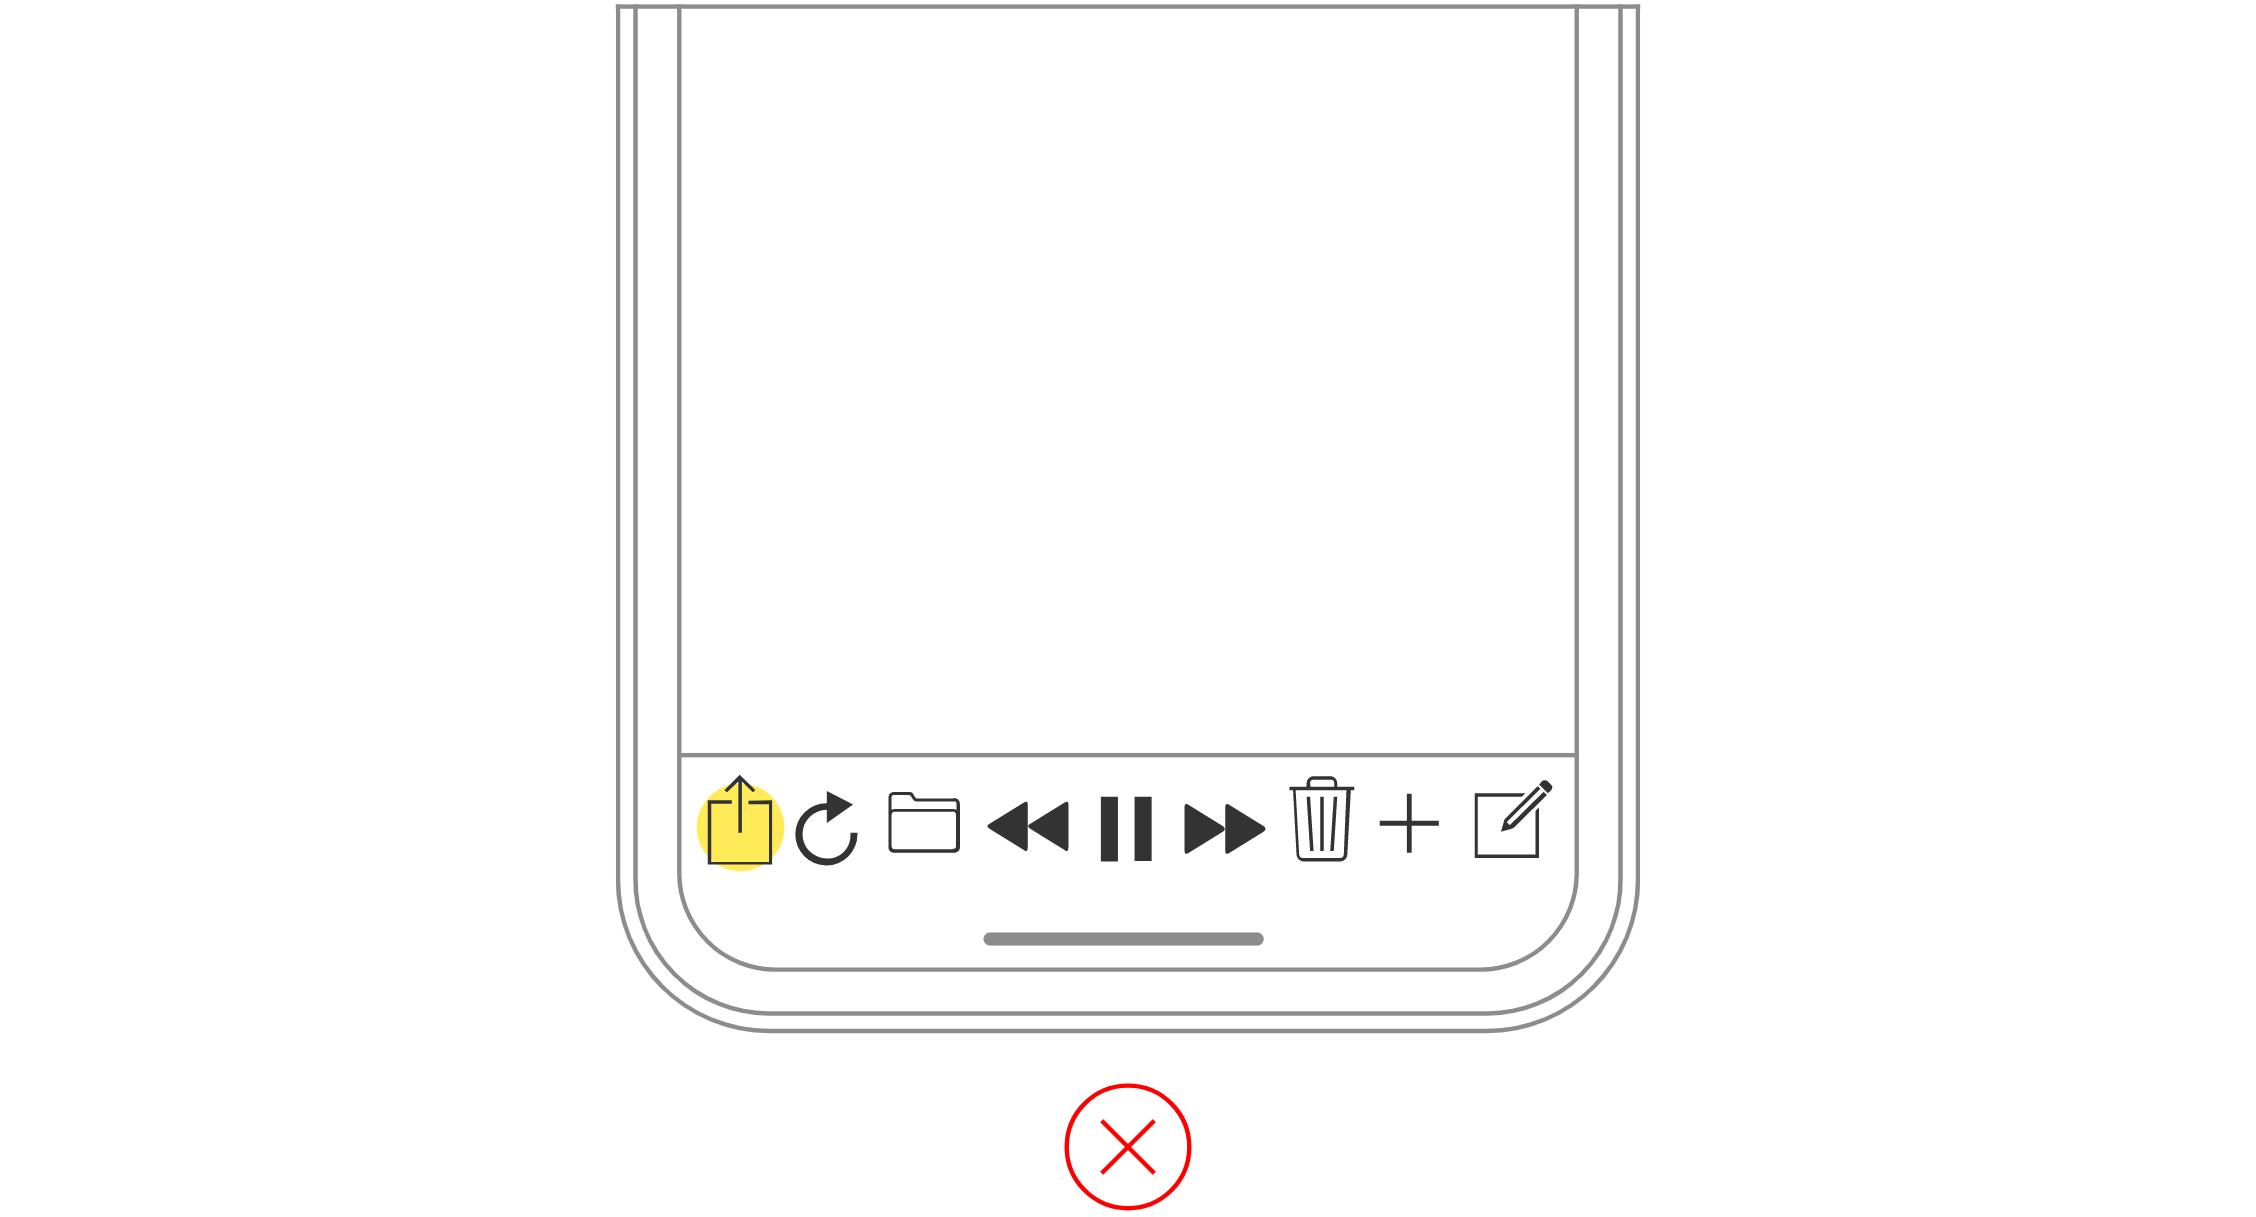 苹果IOS设计规范-适应性和布局